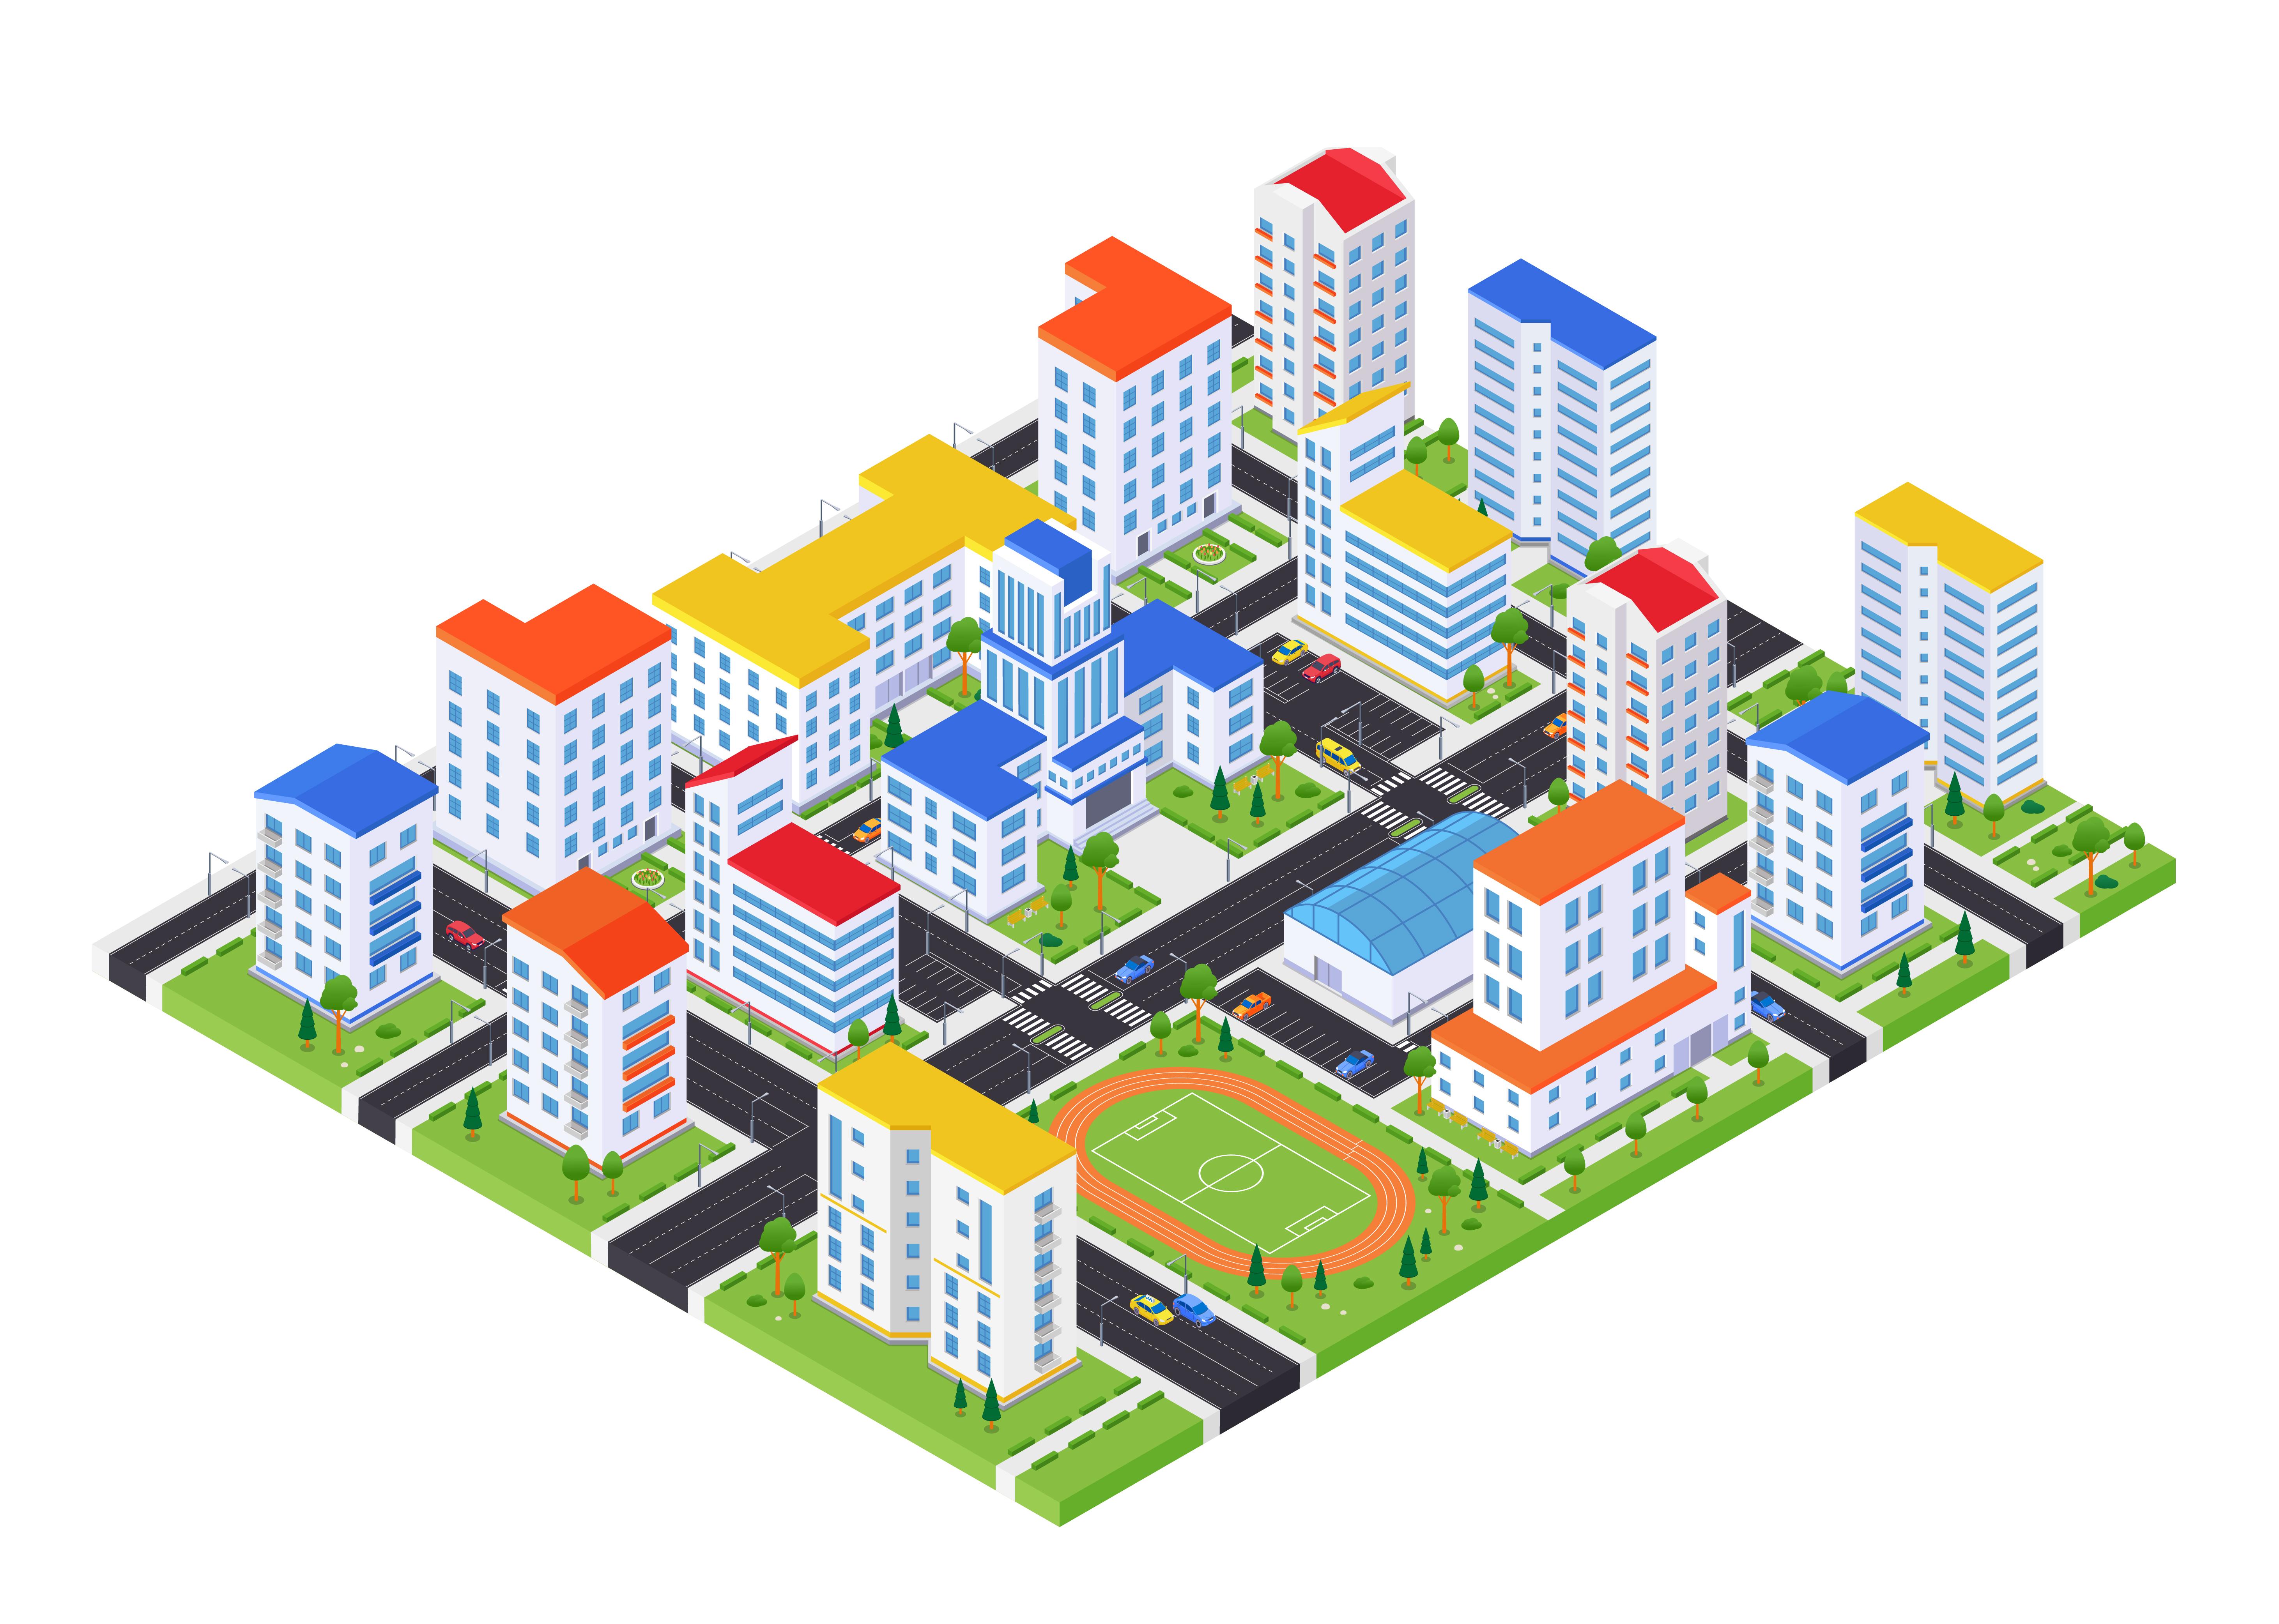 Ejemplo de mapa virtual de un complejo de apartamentos